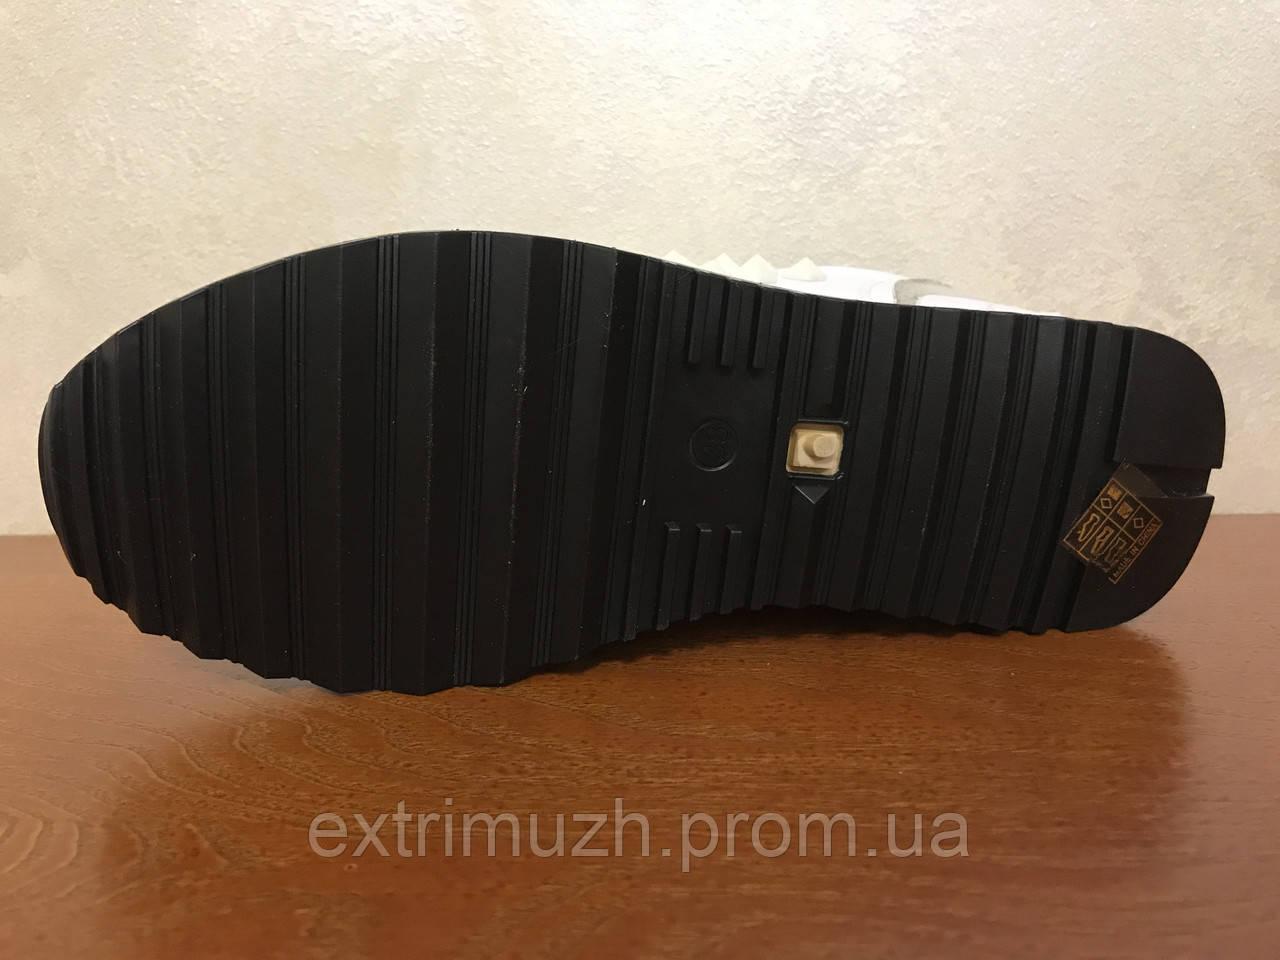 Женские кроссовки Польша 36-41  продажа, цена в Хмельницком ... 7f4acd88d67